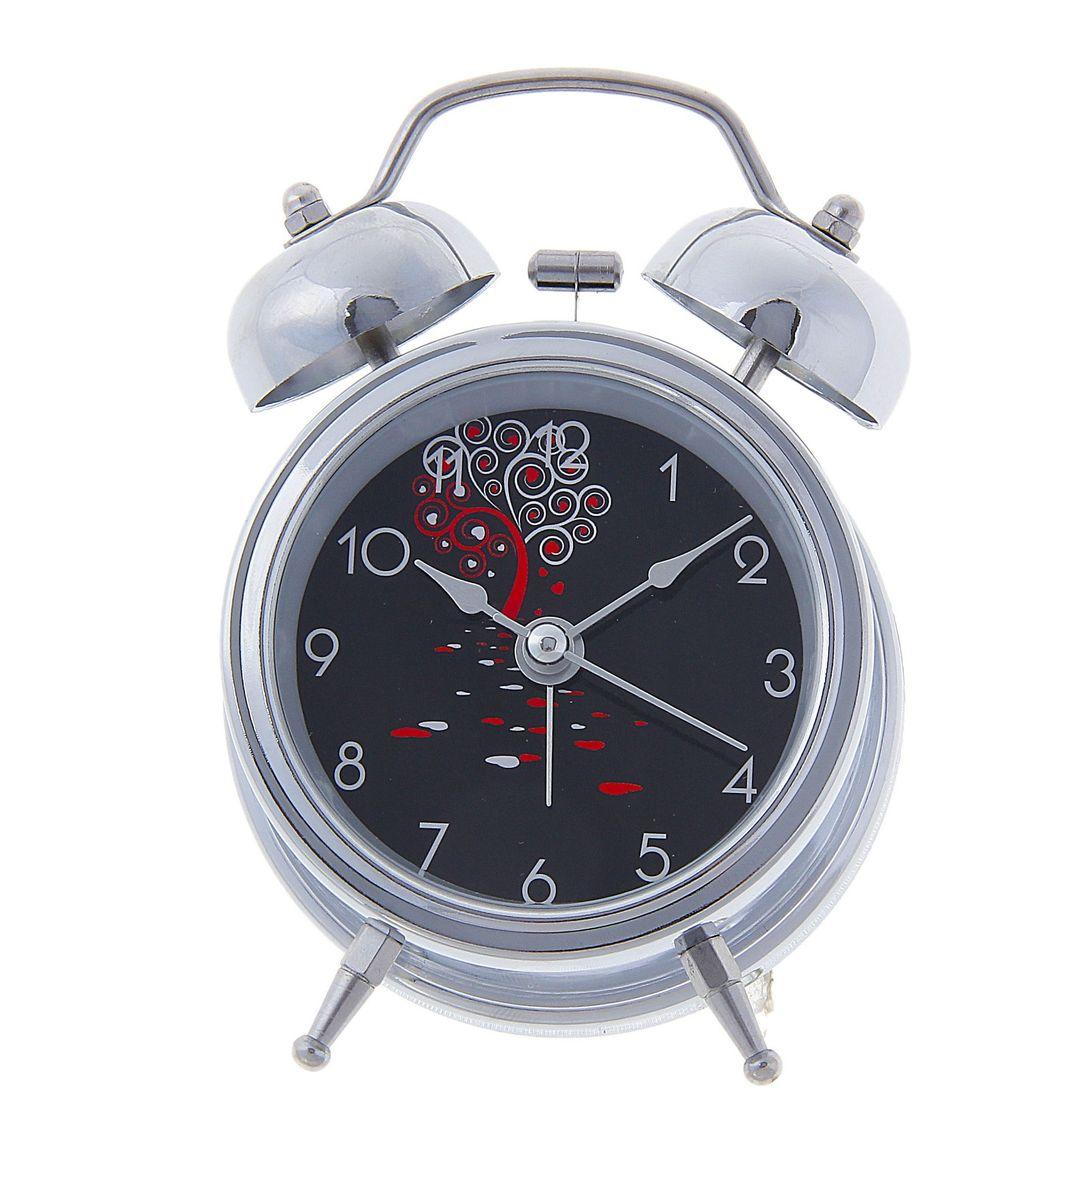 Часы-будильник Sima-land. 127202127202Как же сложно иногда вставать вовремя! Всегда так хочется поспать еще хотя бы 5 минут и бывает, что мы просыпаем. Теперь этого не случится! Яркий, оригинальный будильник Sima-land поможет вам всегда вставать в нужное время и успевать везде и всюду. Время показывает точно и будит в установленный час. Будильник украсит вашу комнату и приведет в восхищение друзей. На задней панели будильника расположены переключатель включения/выключения механизма и два колесика для настройки текущего времени и времени звонка будильника. Также будильник оснащен кнопкой, при нажатии и удержании которой, подсвечивается циферблат. Будильник работает от 1 батарейки типа AA напряжением 1,5V (не входит в комплект).